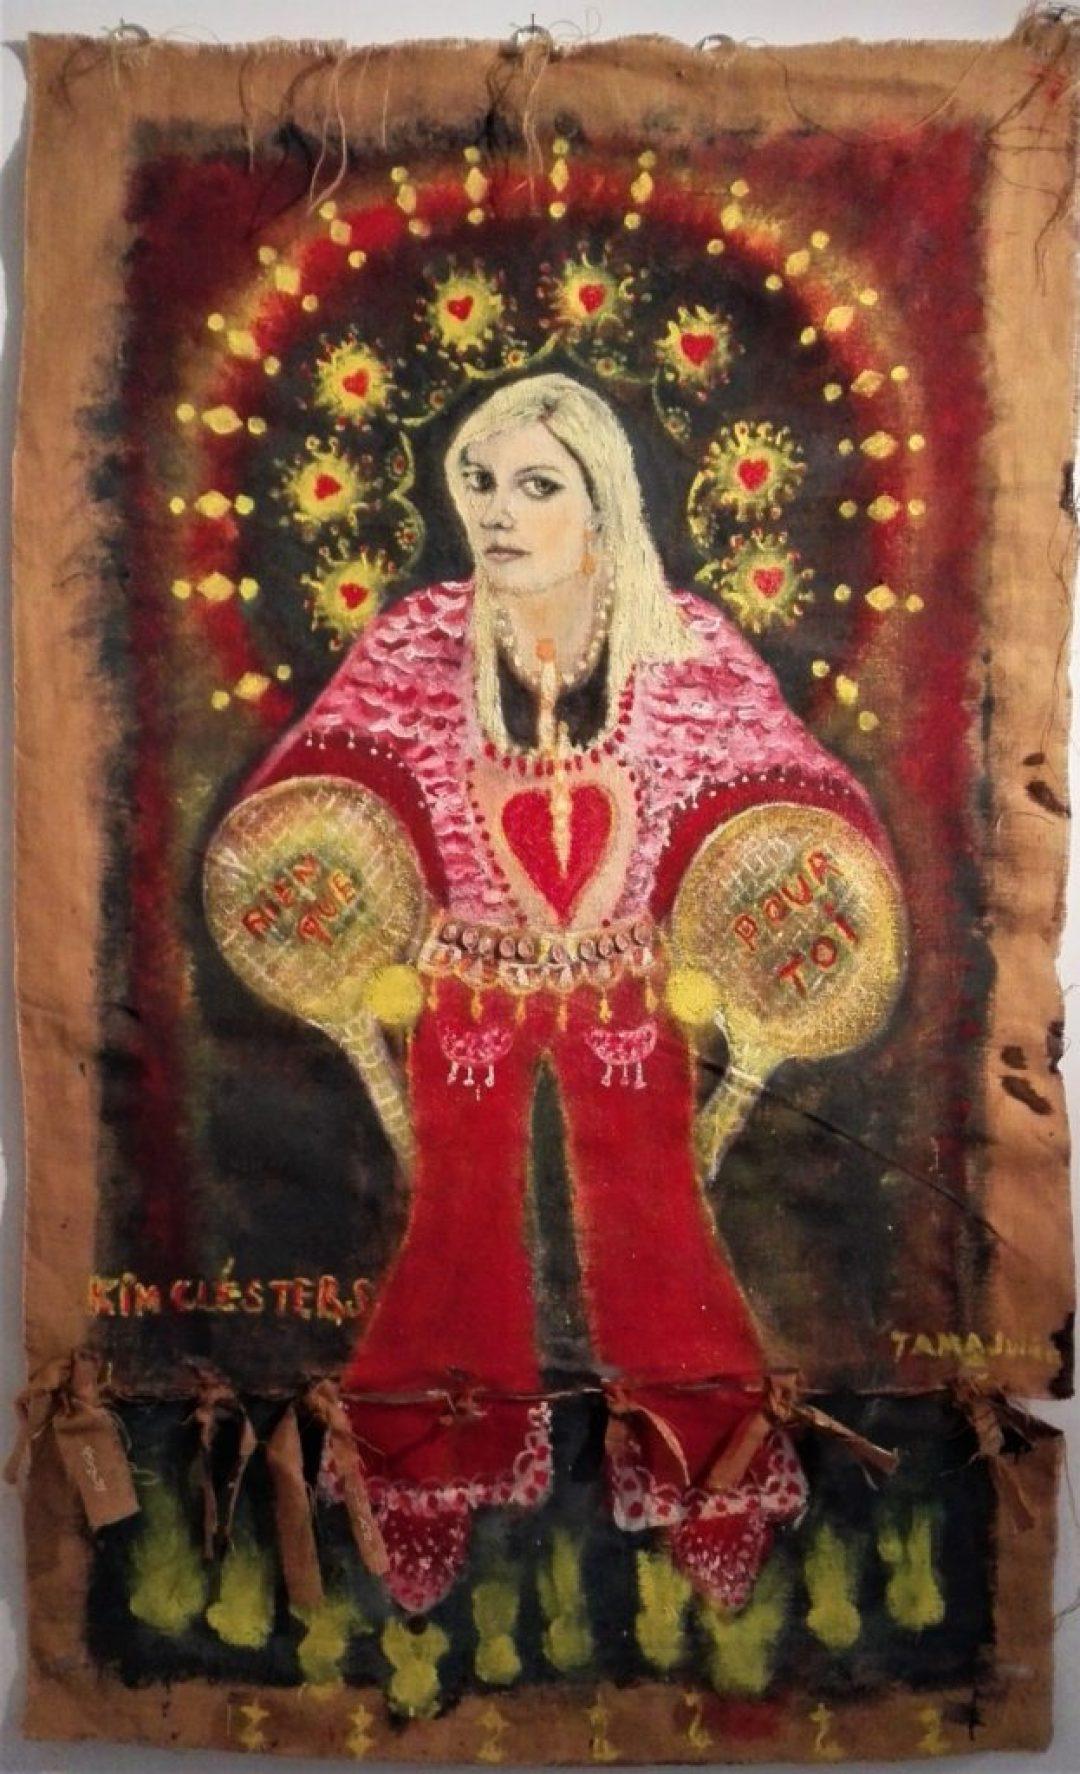 Julien Tama, Kim Clijsters, nd, peinture sur toile de jute, 178 x 108 cm